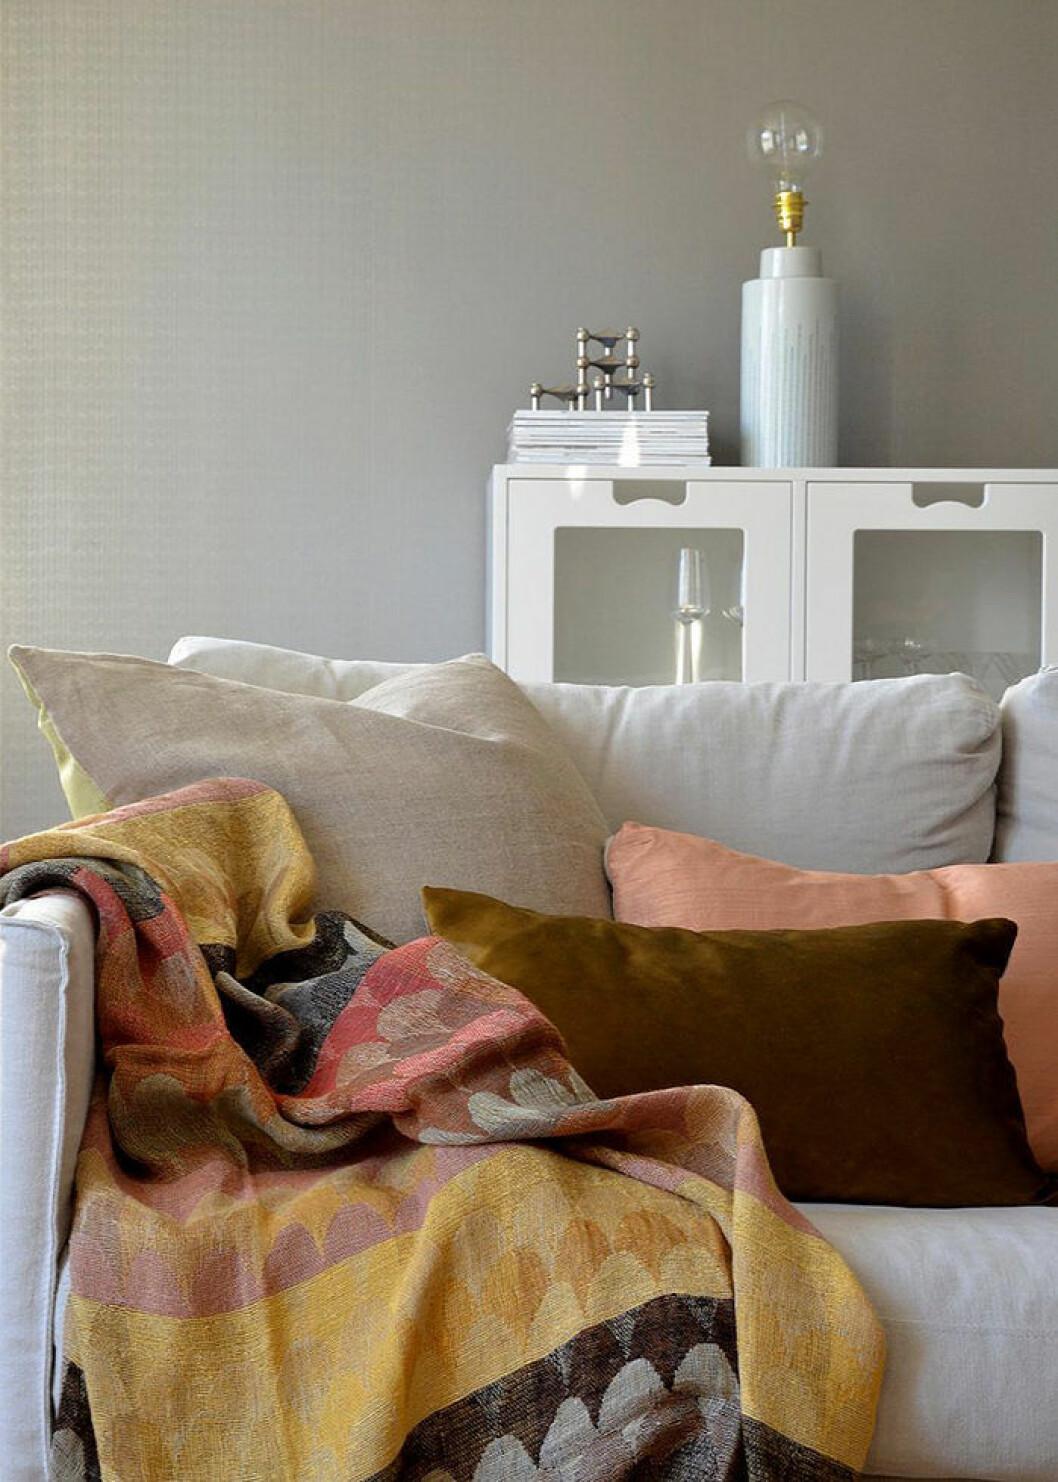 Kuddar och plädar i olika färg och utförande på soffan